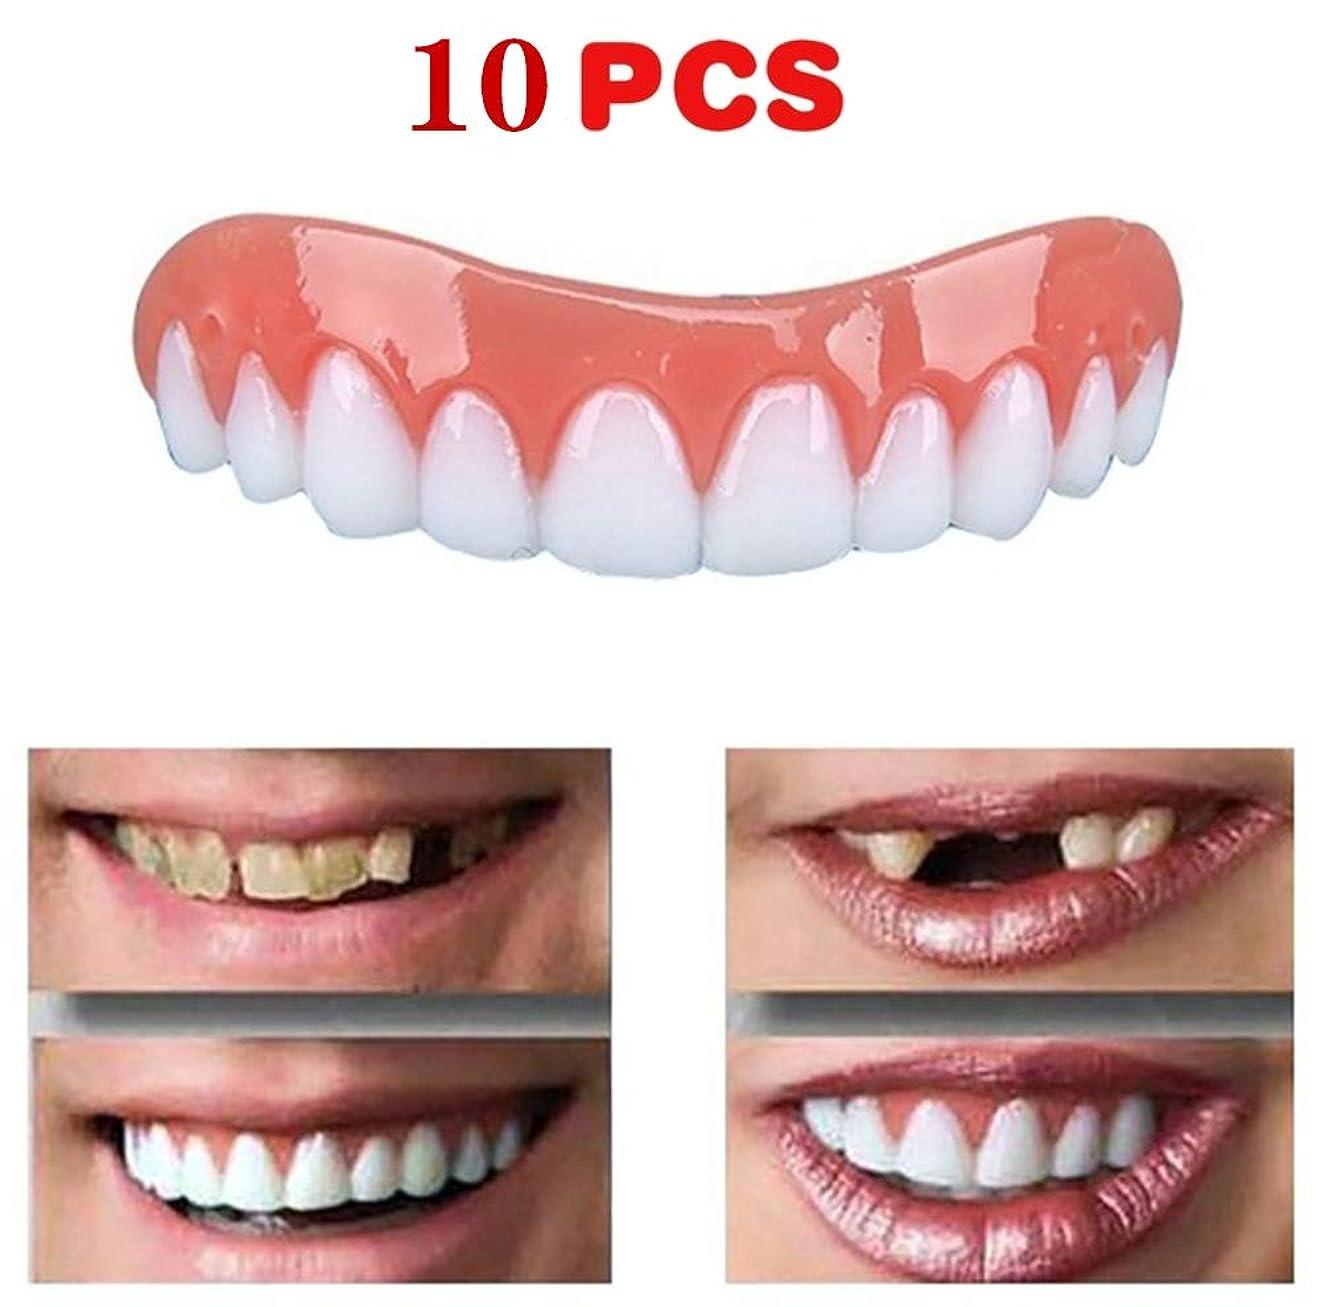 嬉しいです冒険家皮肉10ピース新しい再利用可能な大人のスナップオンパーフェクトスマイルホワイトニング義歯フィットフレックス化粧品歯快適な突き板カバーデンタルケアアクセサリー